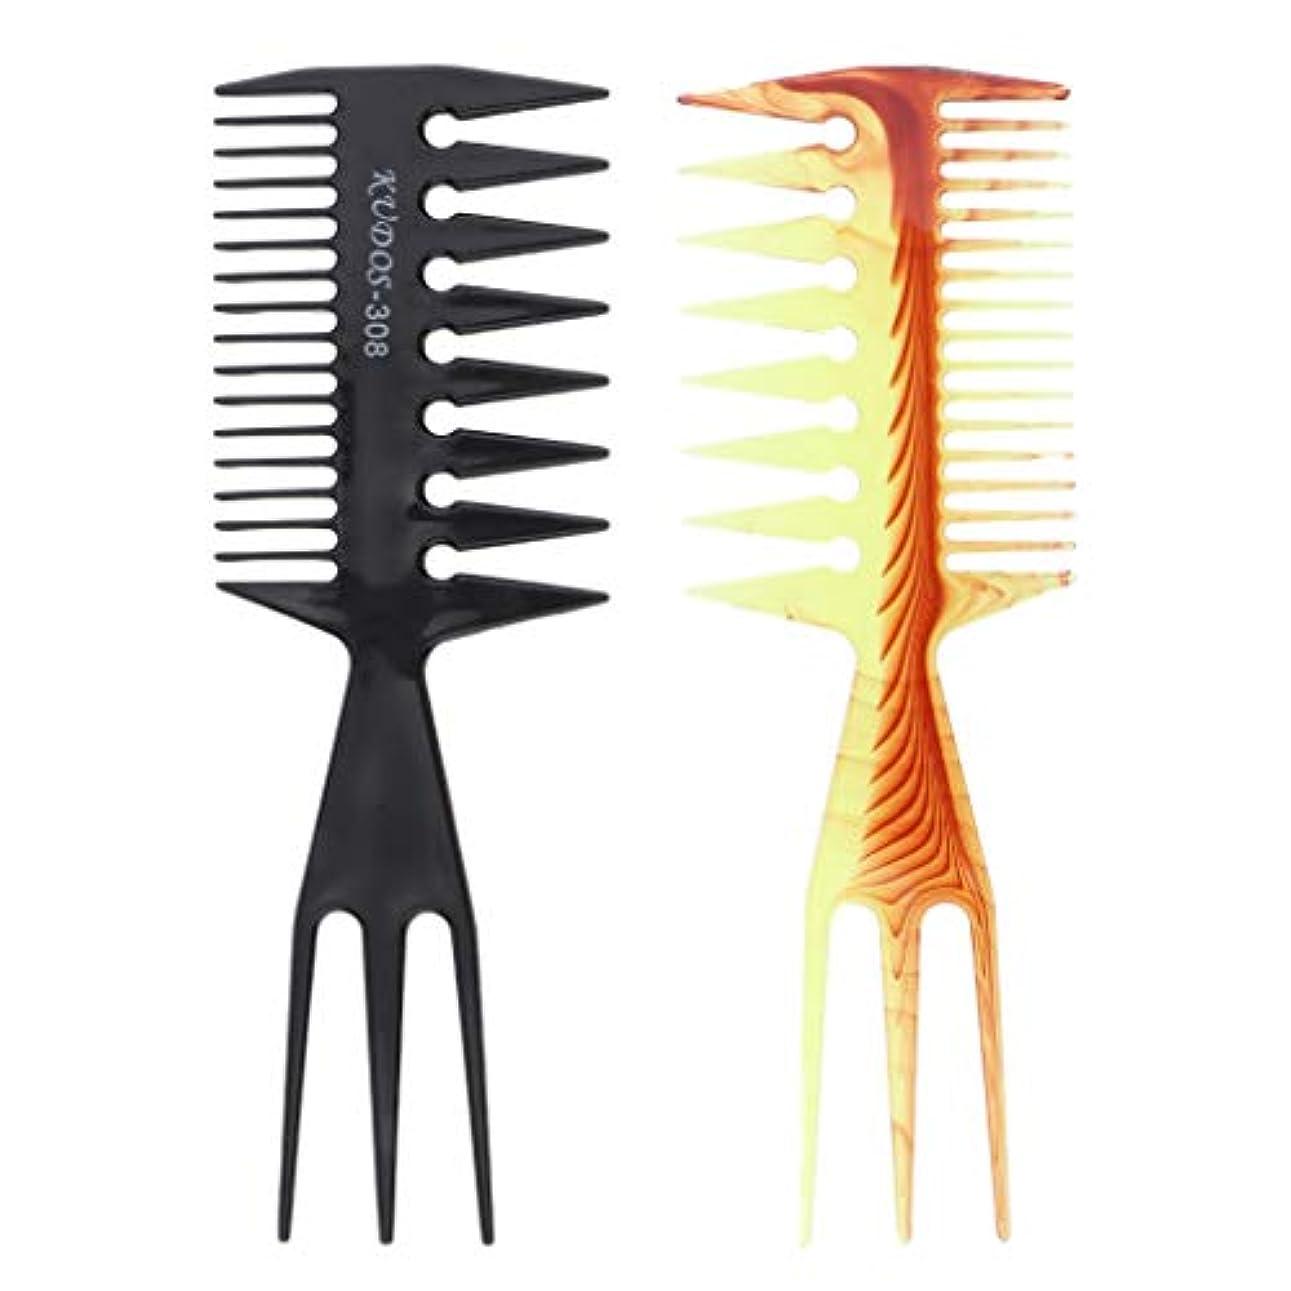 マスタード降臨ありふれたへアカラーセット ヘアダイブラシ DIY髪染め用 サロン 美髪師用 ヘアカラーの用具 2個セット